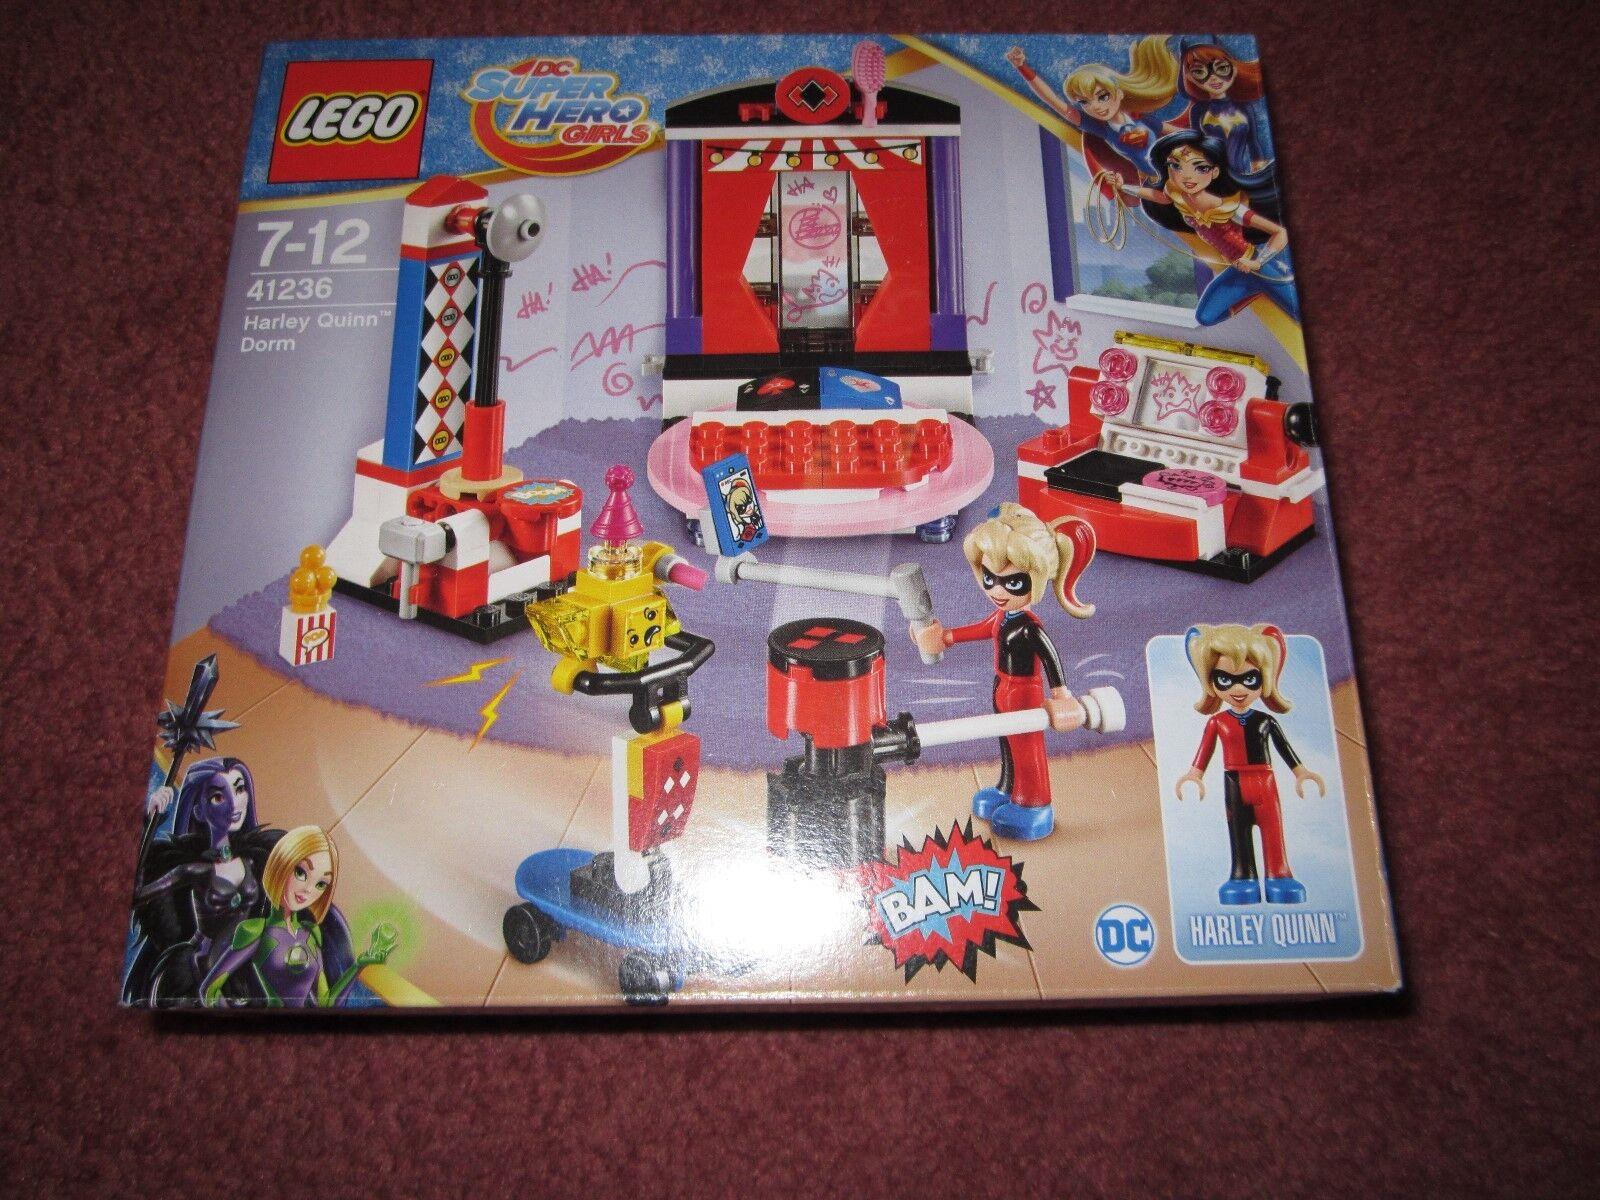 LEGO SUPER HERO GIRLS HARLEY QUINN DORM 41236 - NEW/BOXED/SEALED